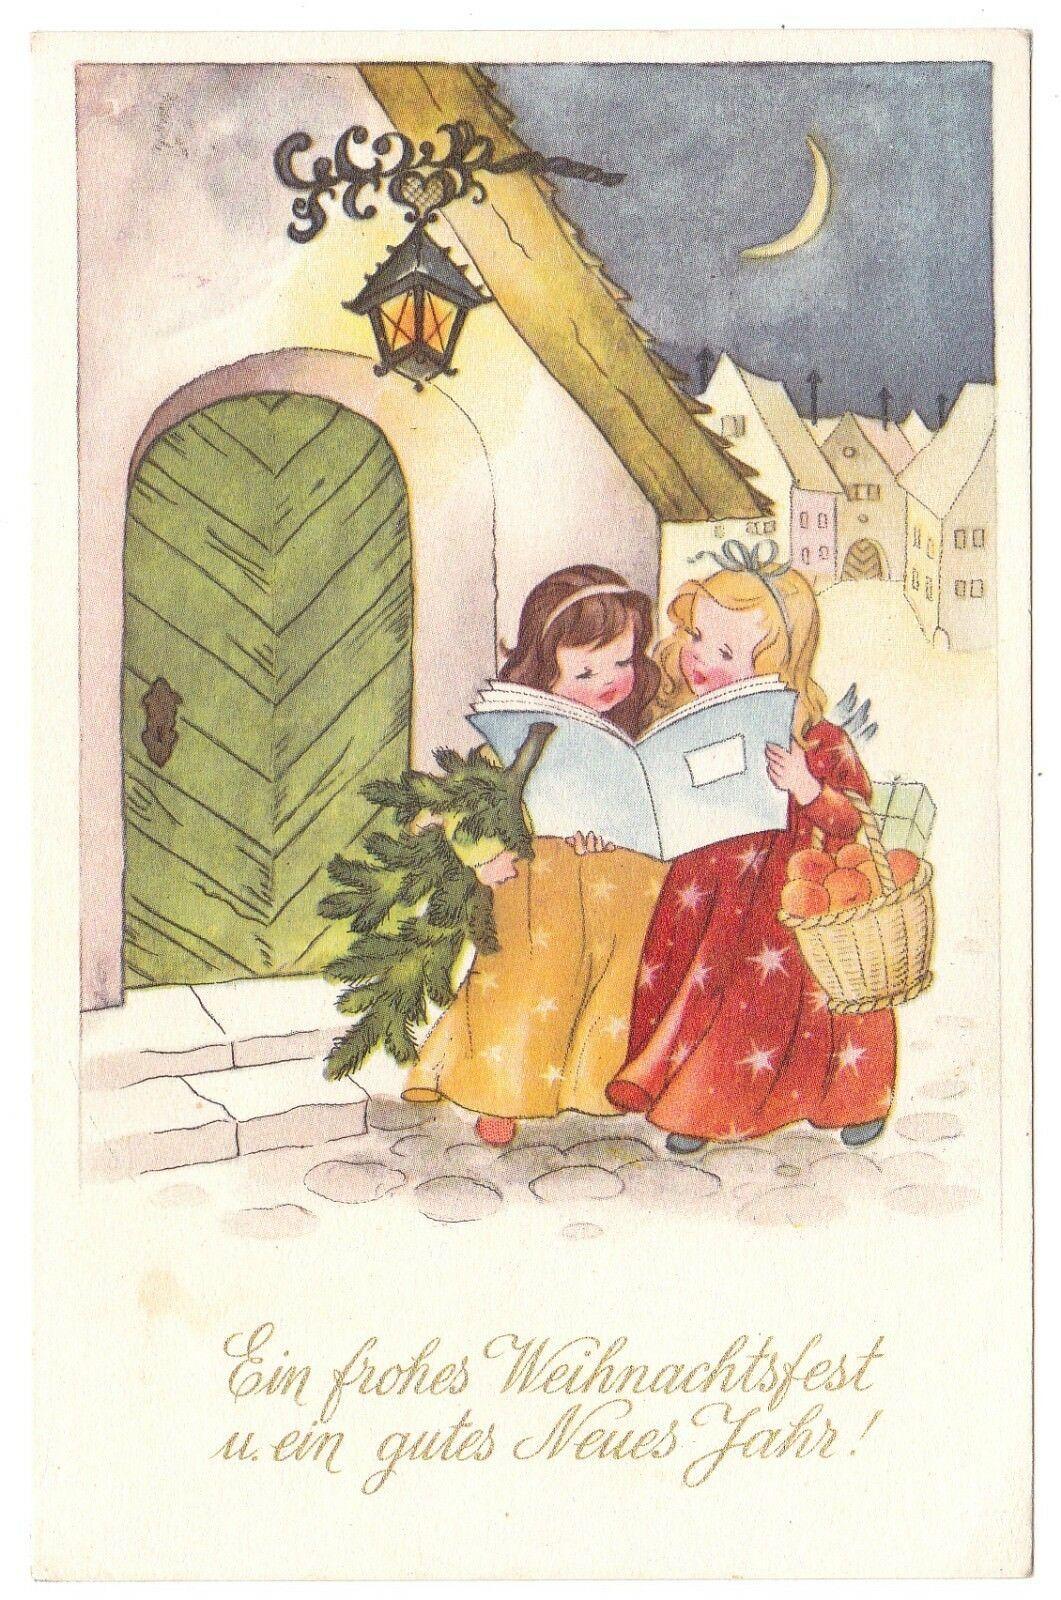 Buon Natale Arte.Angioletti Anges Engel Buon Natale Buon Anno Bonne Annee Neve Angeli Ebay Biglietti Di Natale Vintage Illustrazione Di Natale Immagini Di Natale